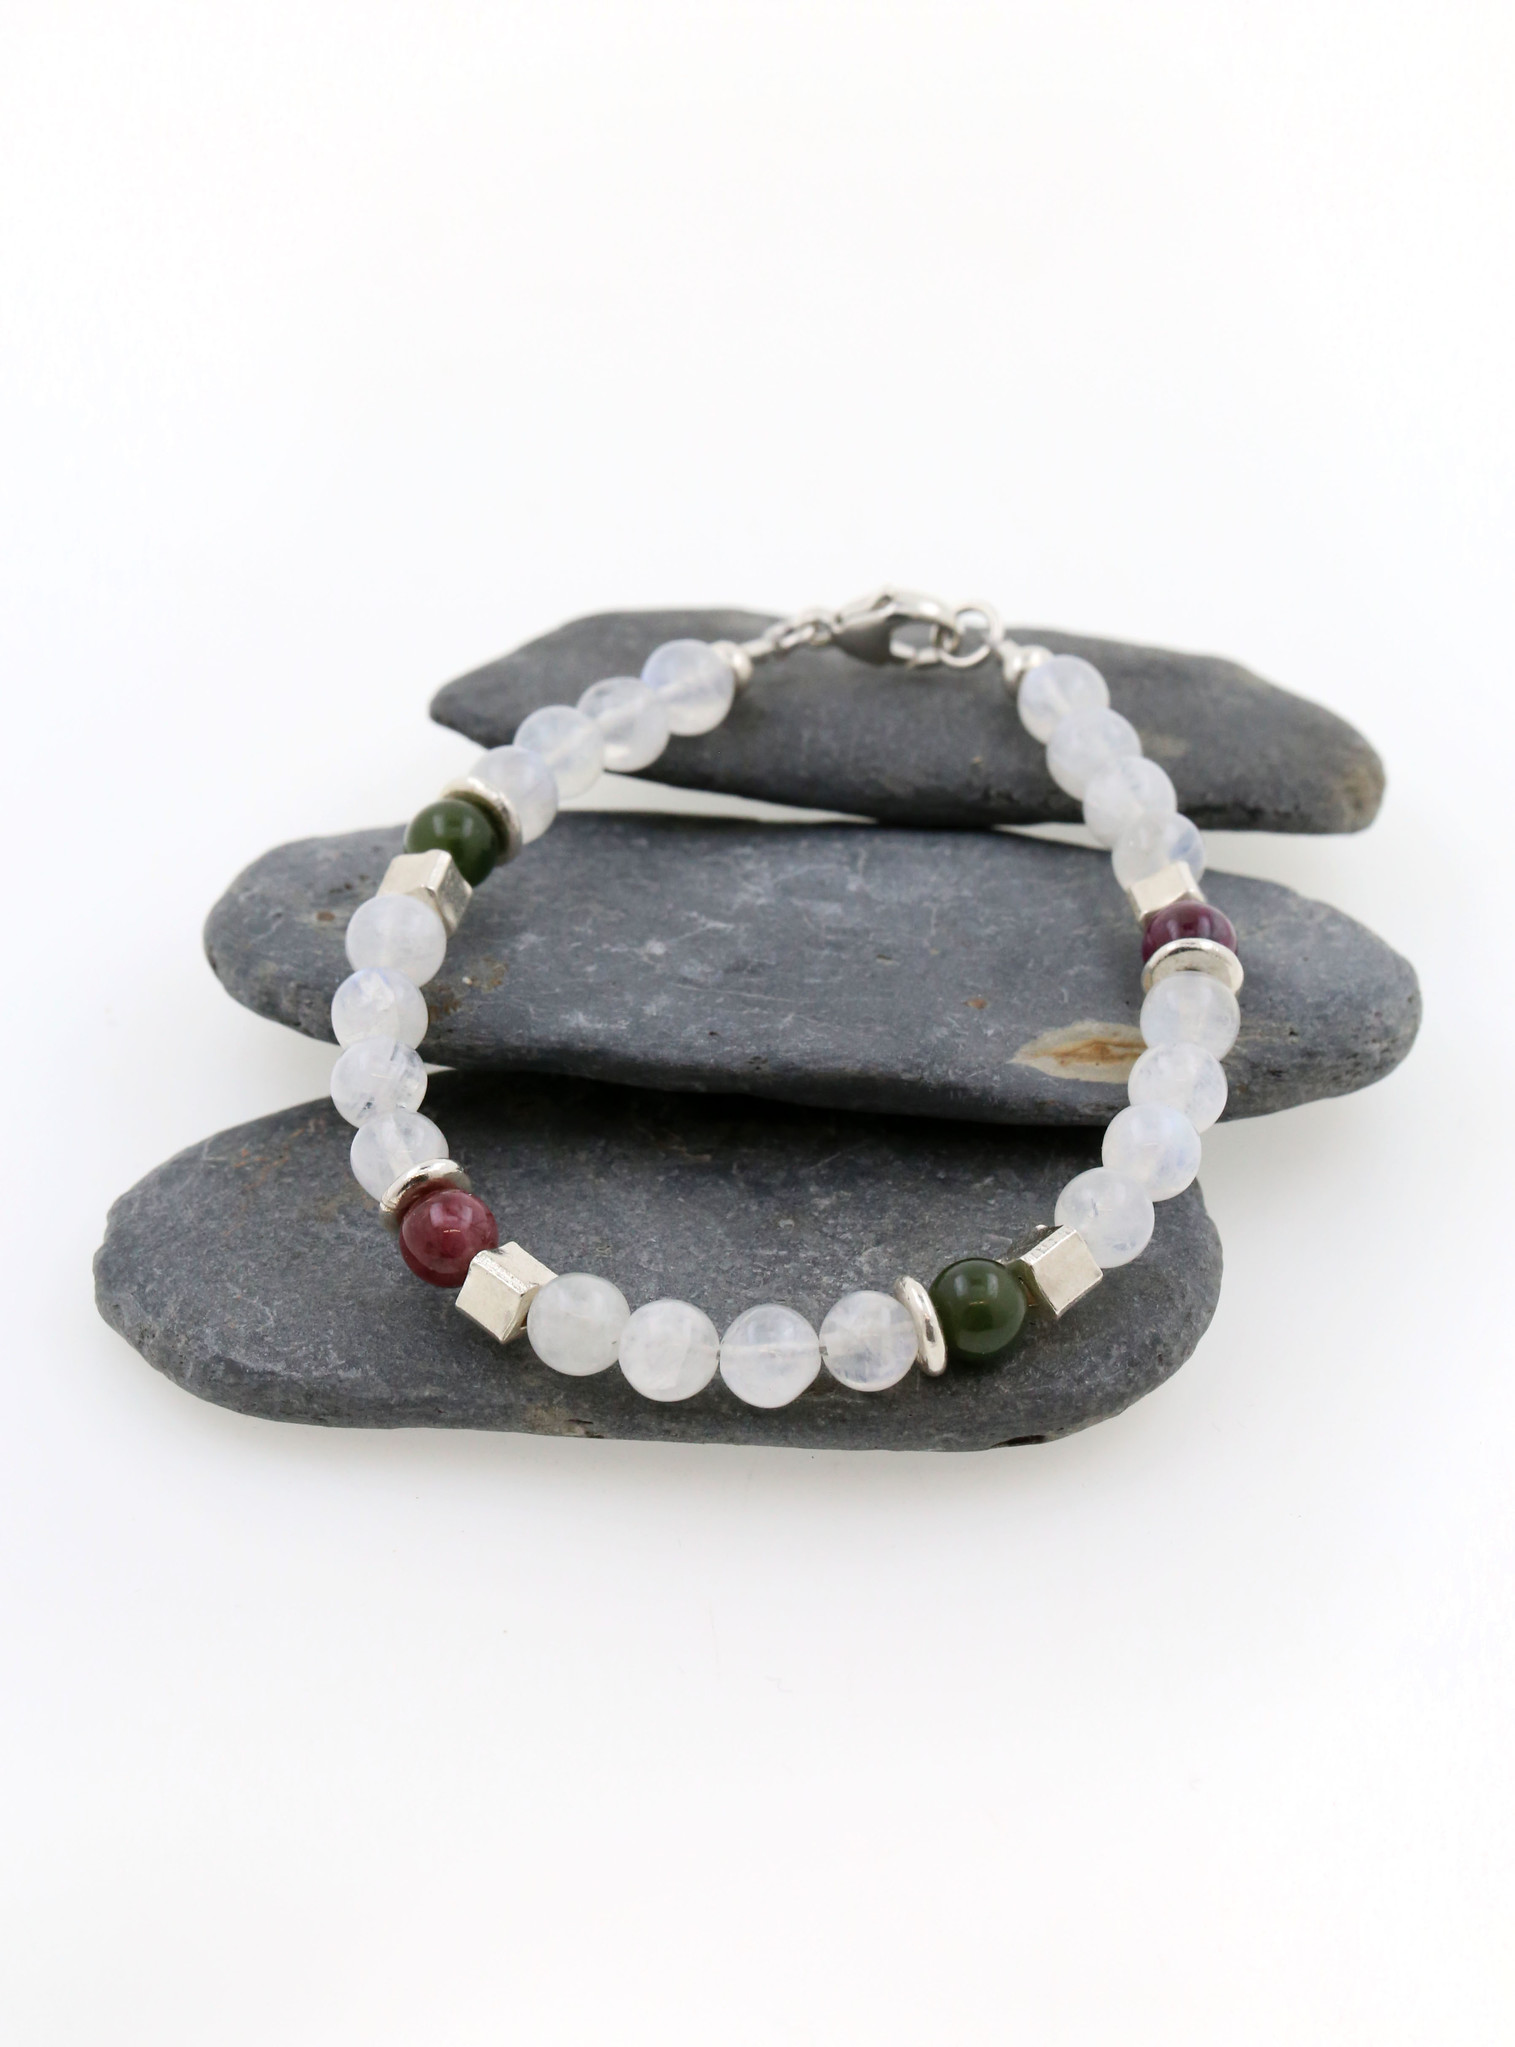 Armband aus Mondstein, Turmalin und Silber